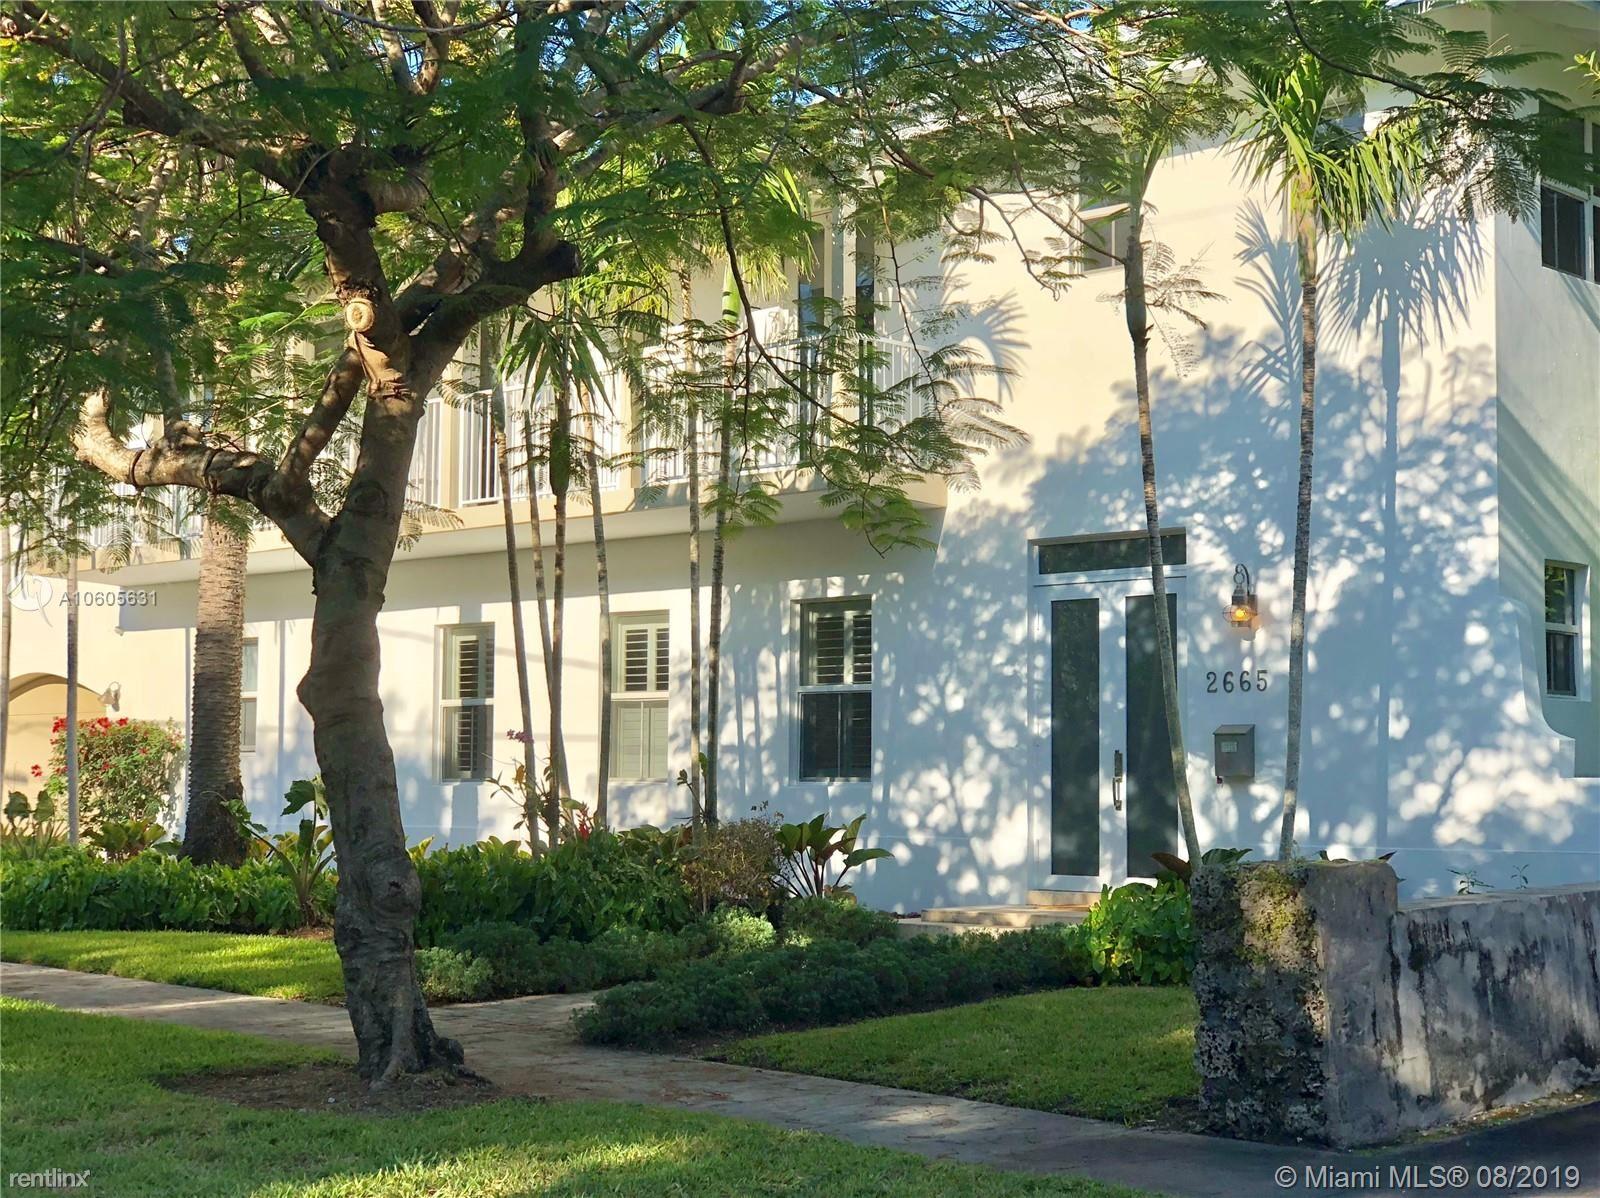 2665 Inagua Ave, Coconut Grove, FL - $8,000